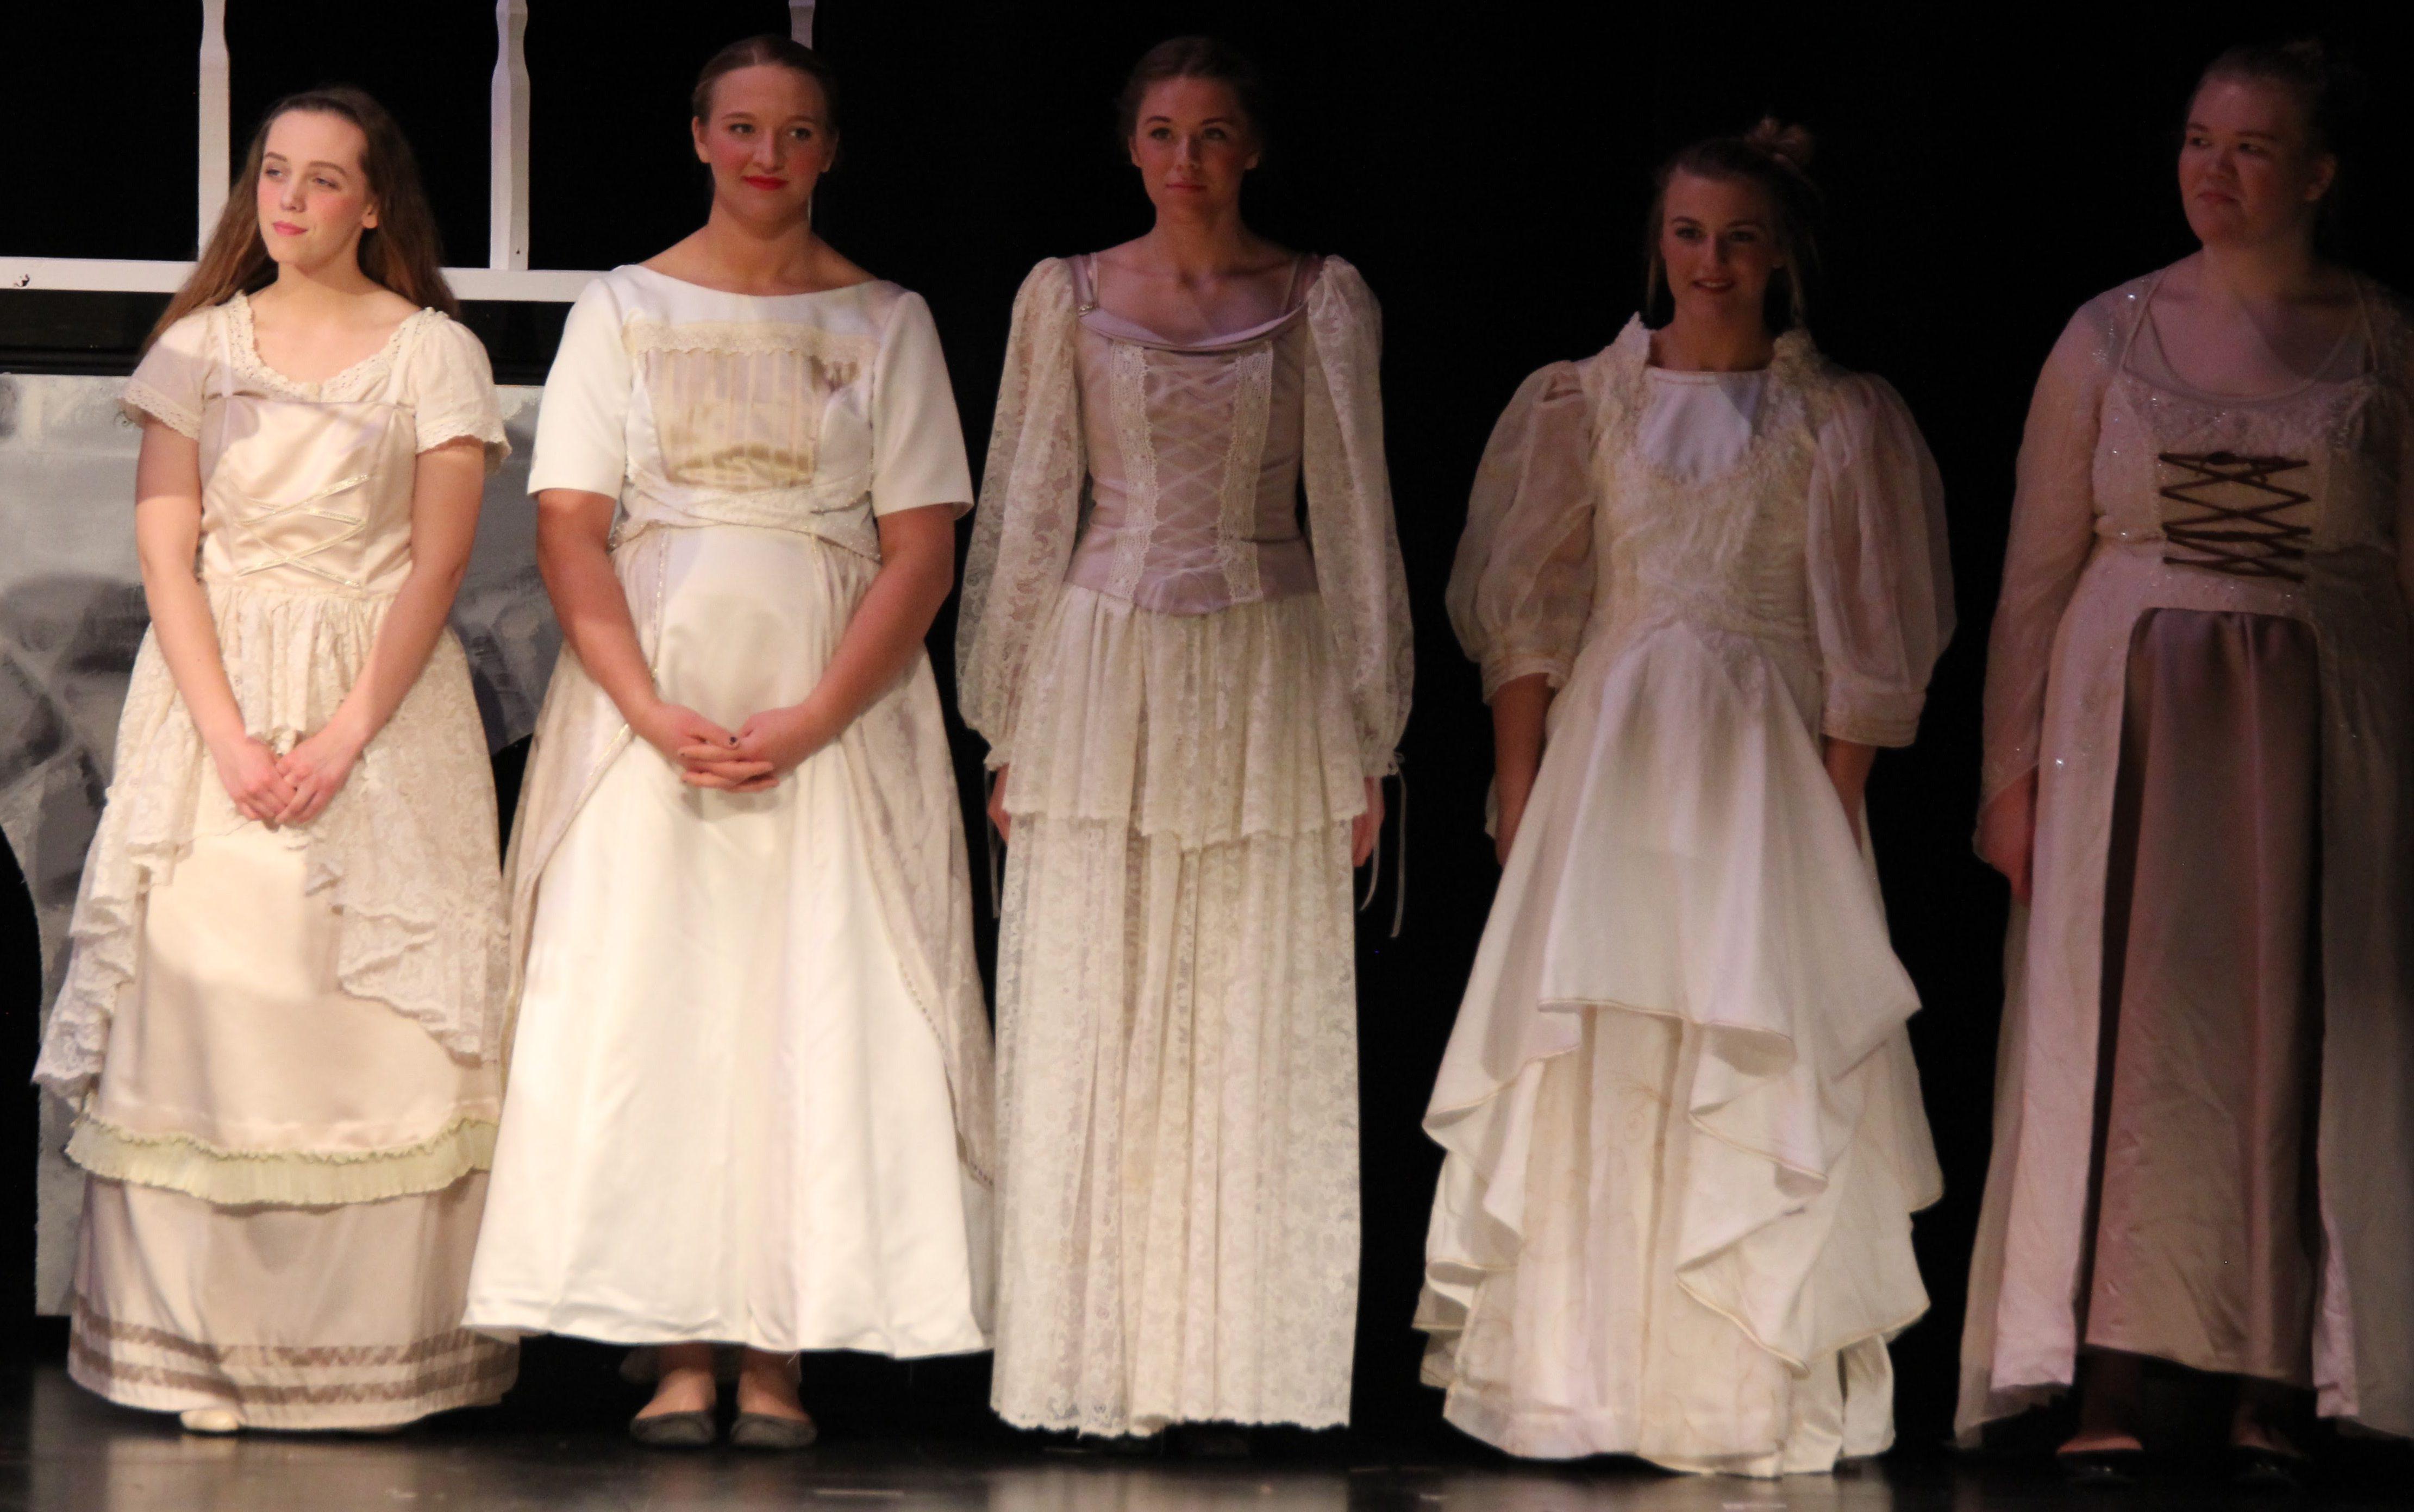 chorus members in wedding wear, Cinderella